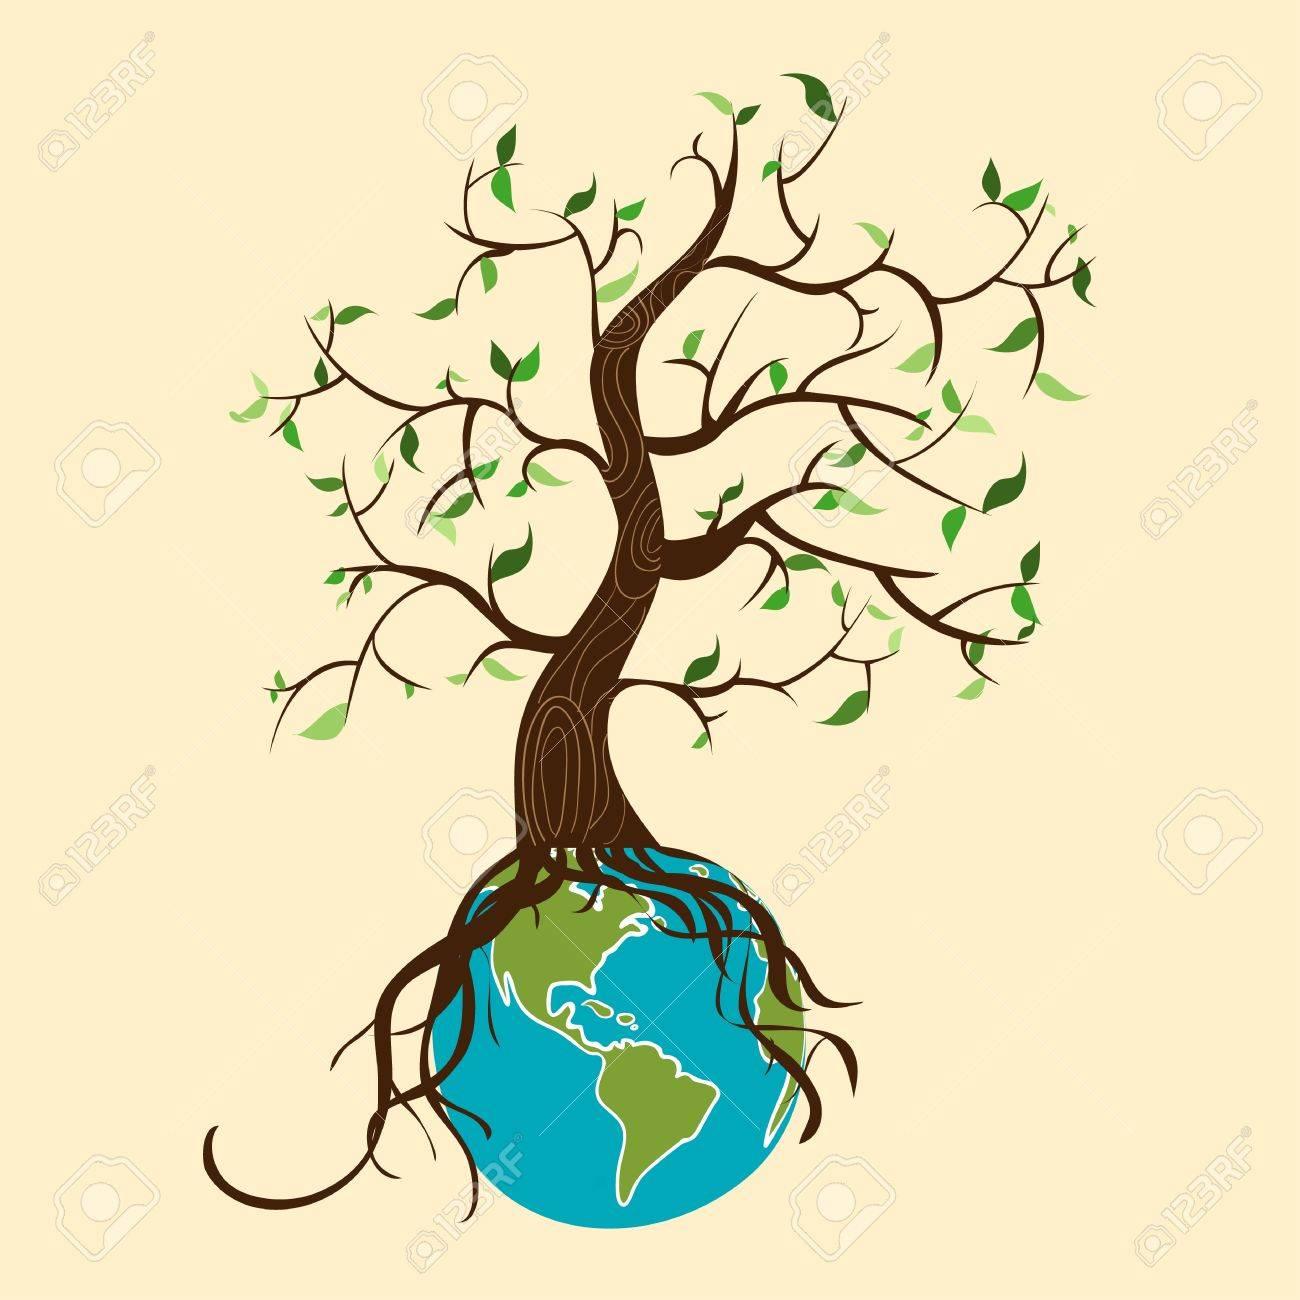 Conceptual árbol Cuidado Del Medio Ambiente En El Planeta Tierra Archivo Vectorial En Capas Para Facilitar La Edición